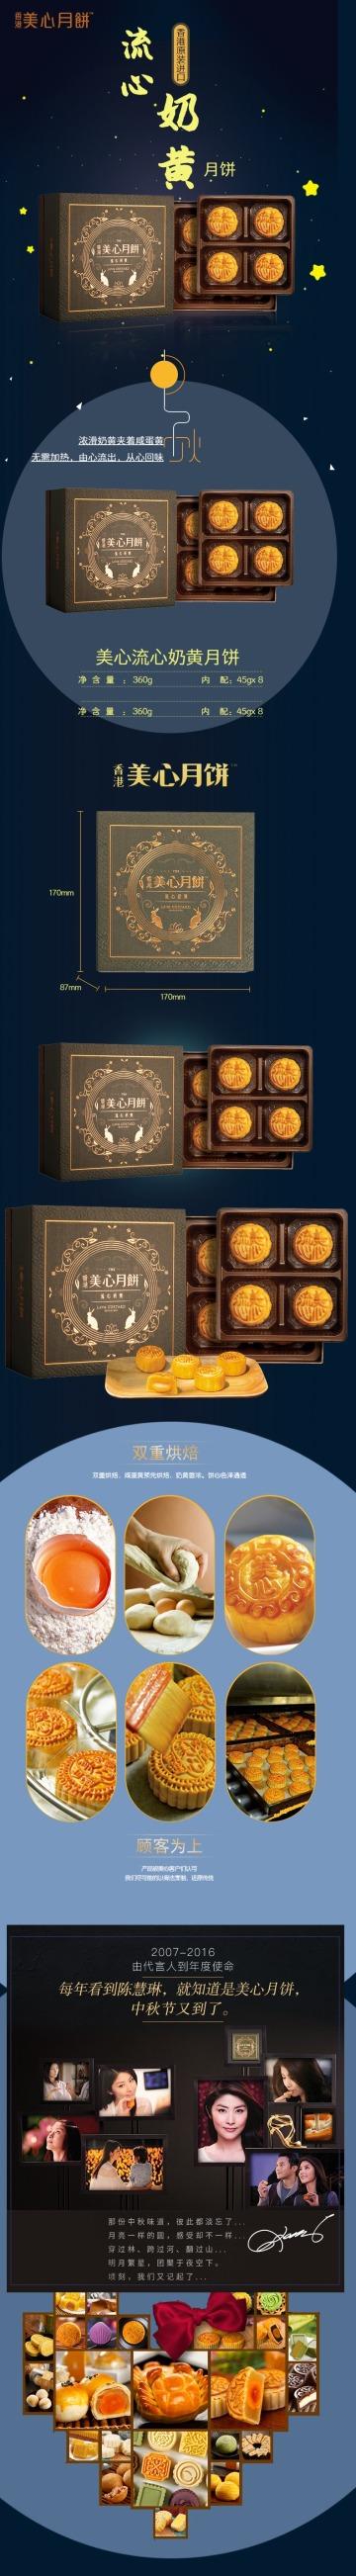 简约大气百货零售美食中秋糕点月饼促销电商详情页